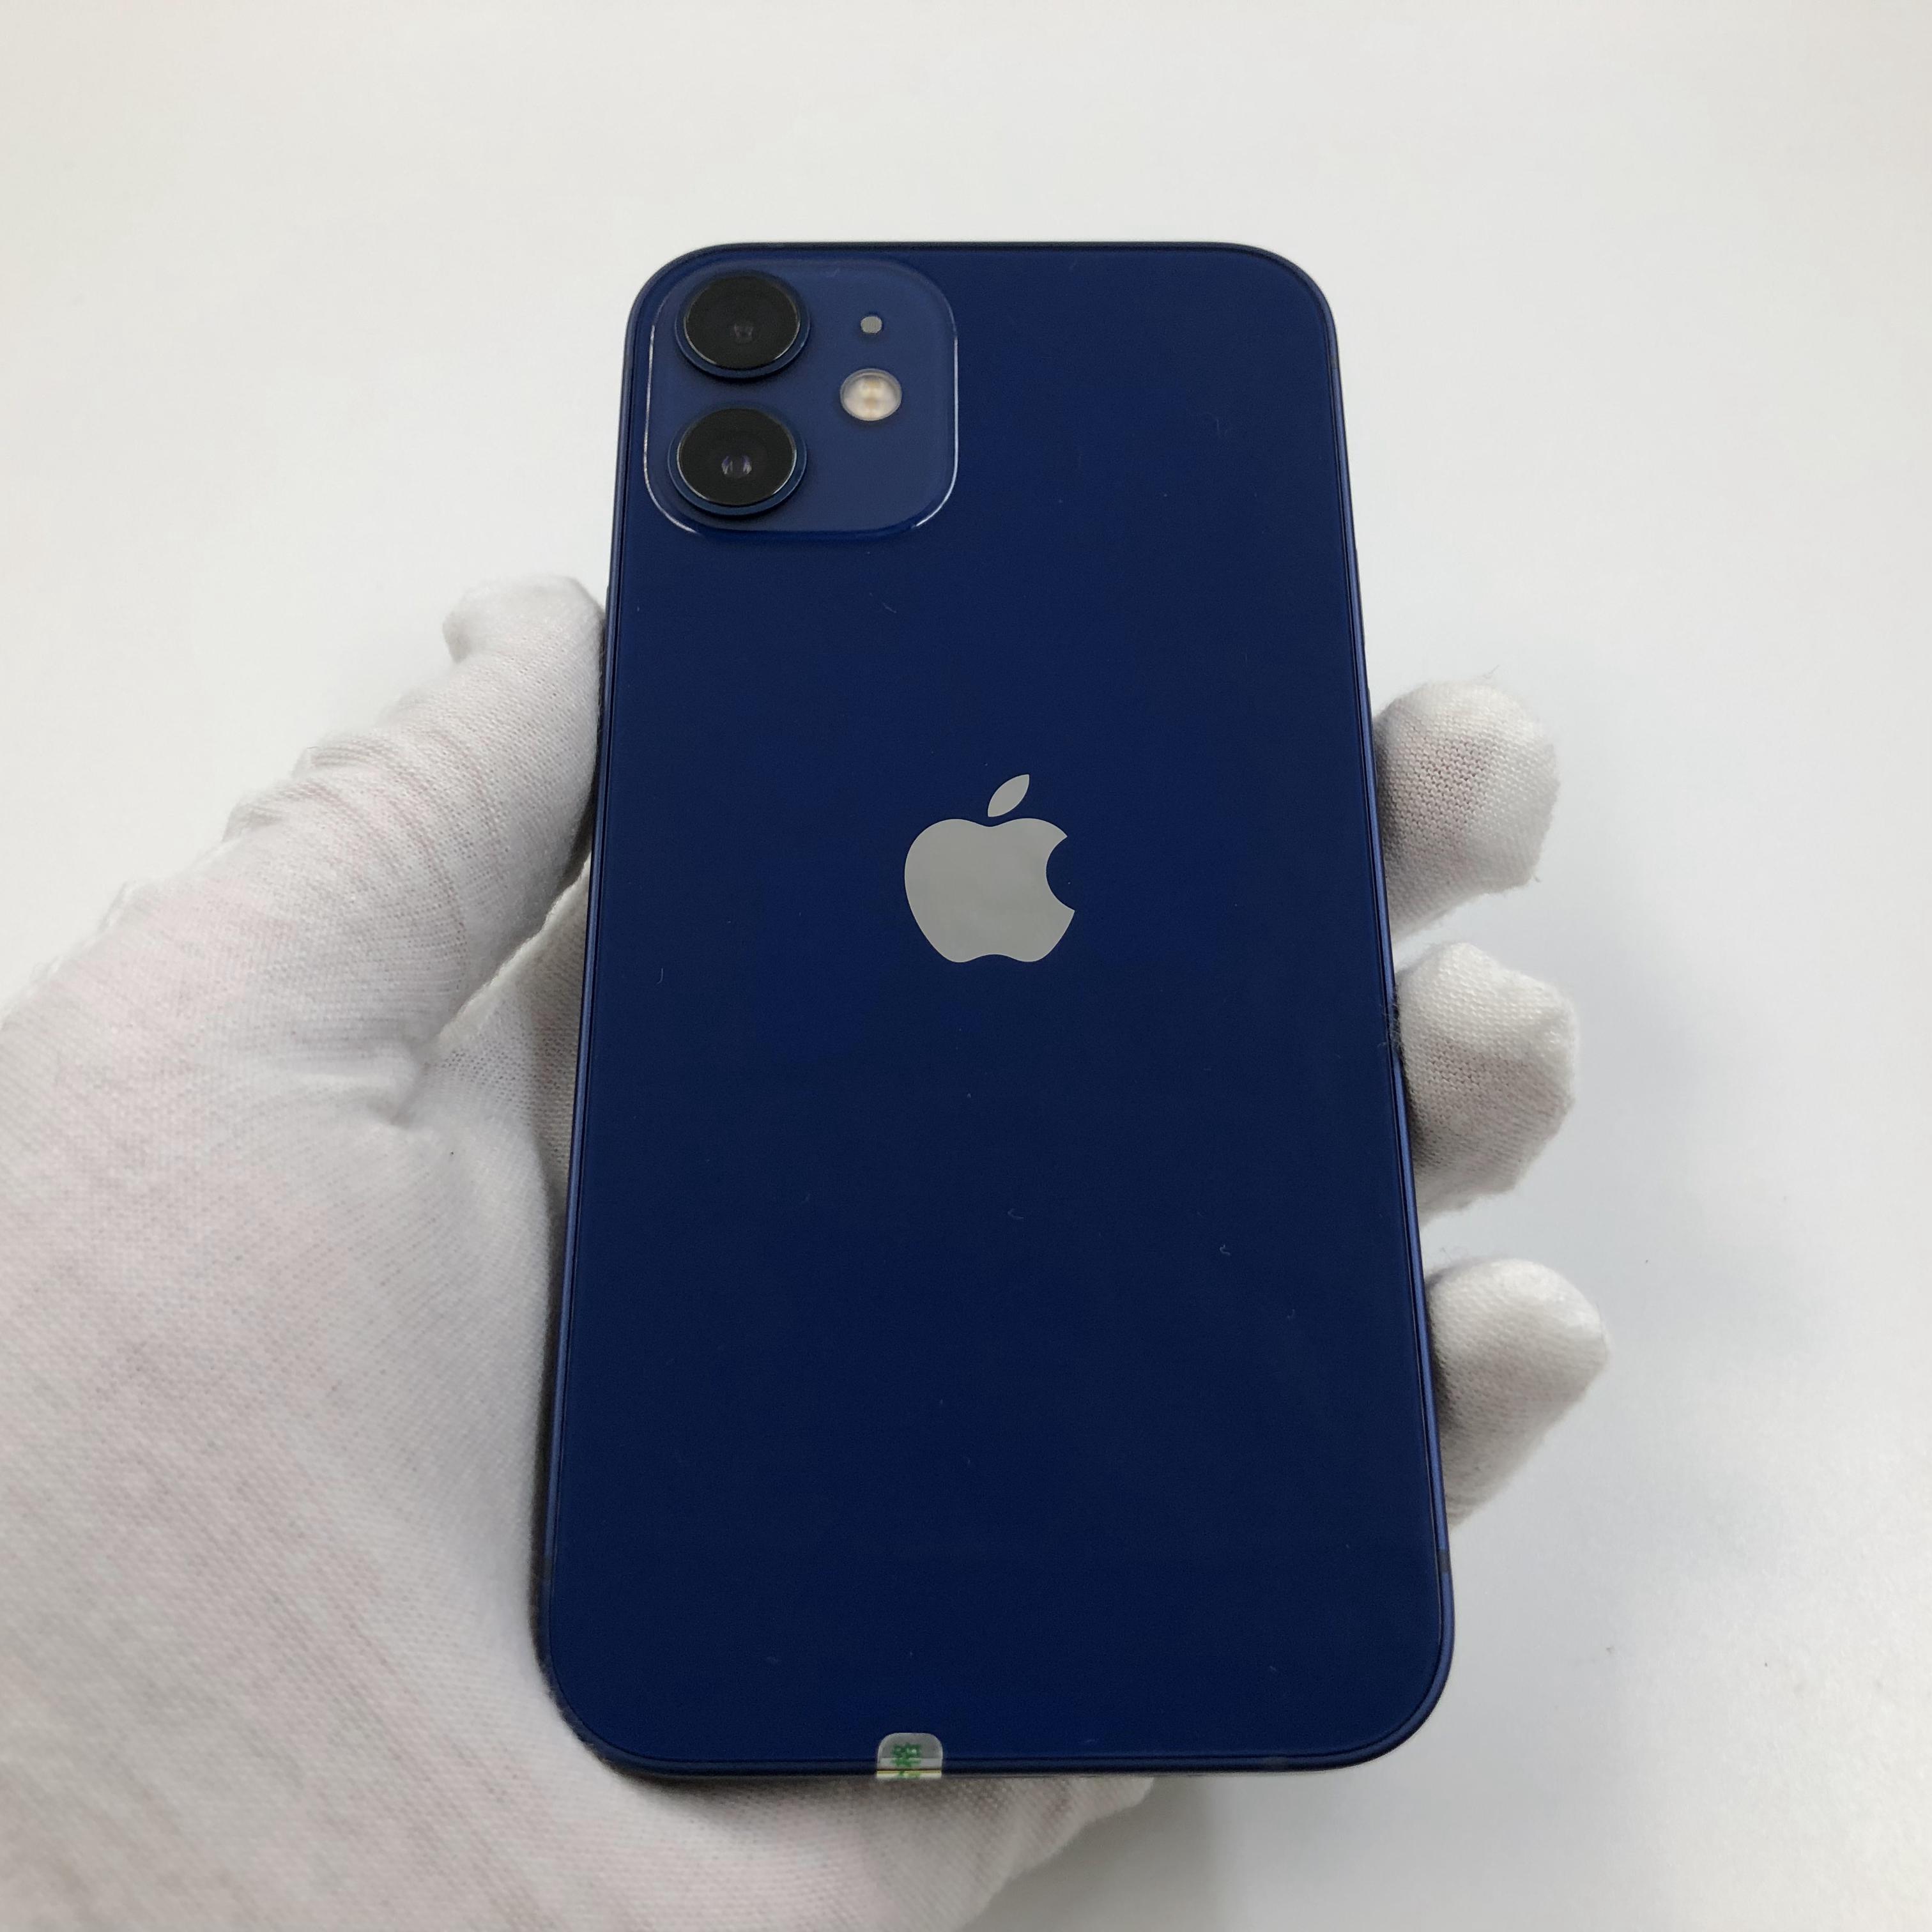 苹果【iPhone 12 mini】5G全网通 蓝色 128G 国行 95新 真机实拍官保2021-11-26